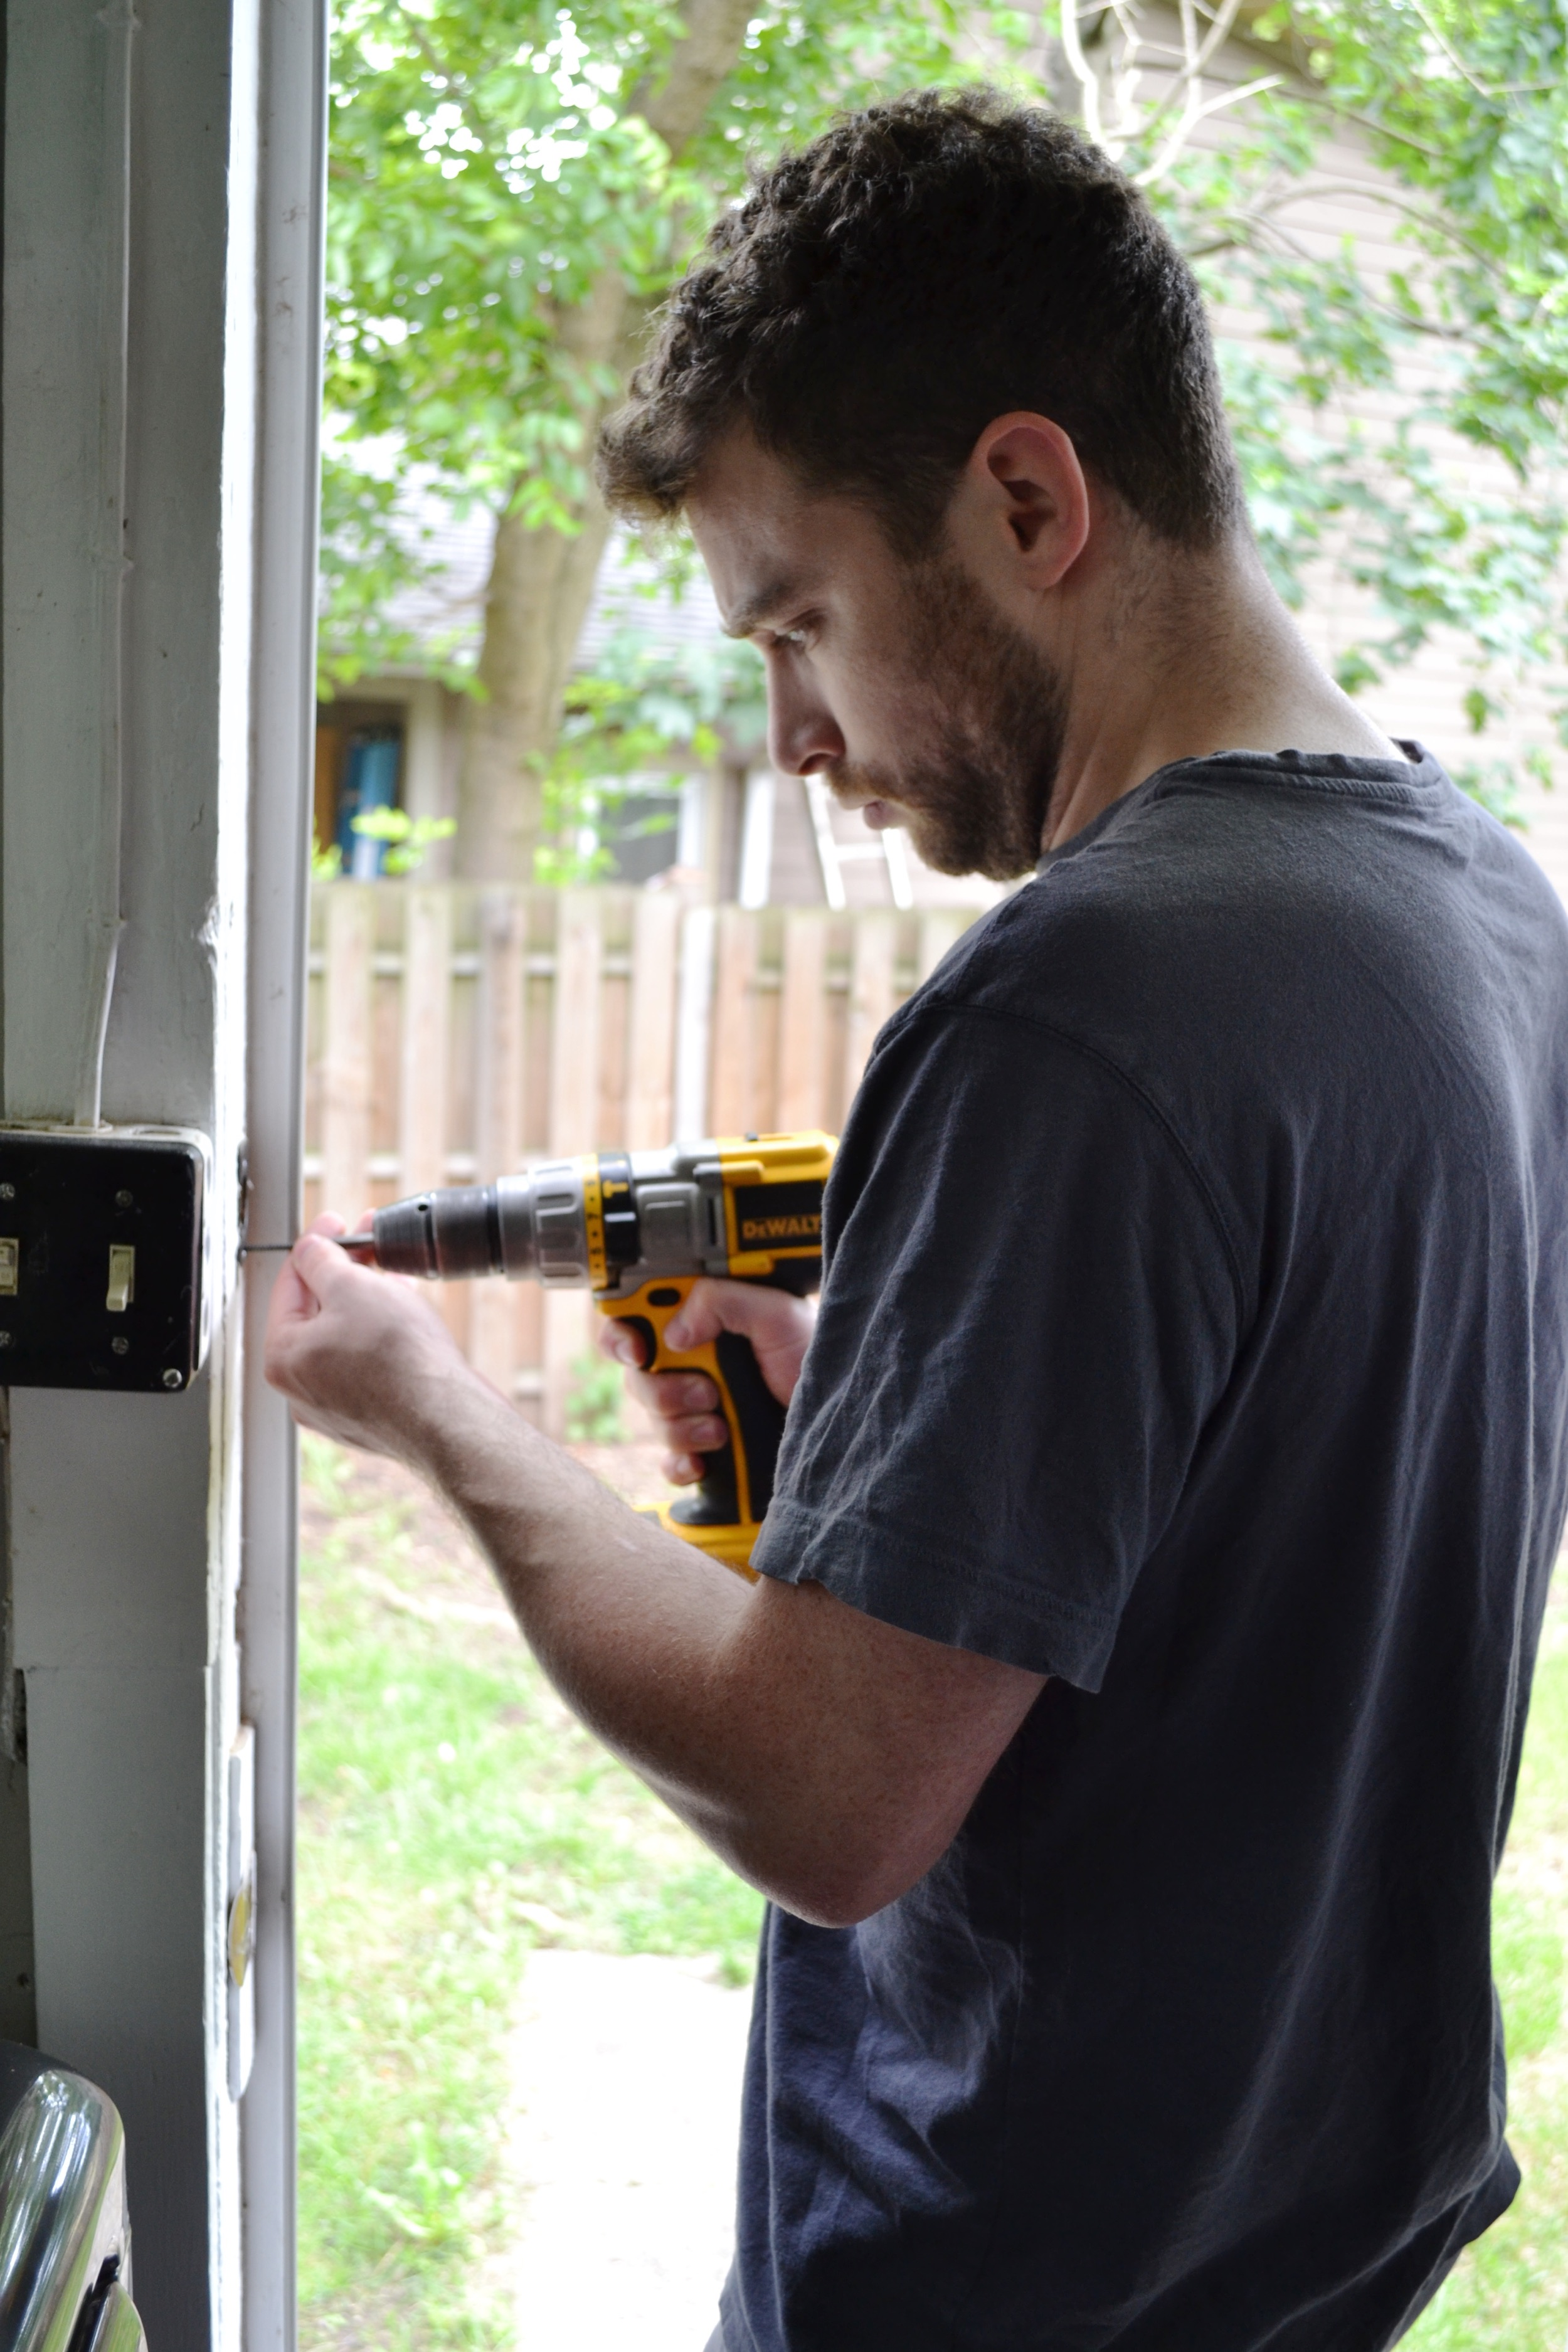 keypad-lock-how-it-works